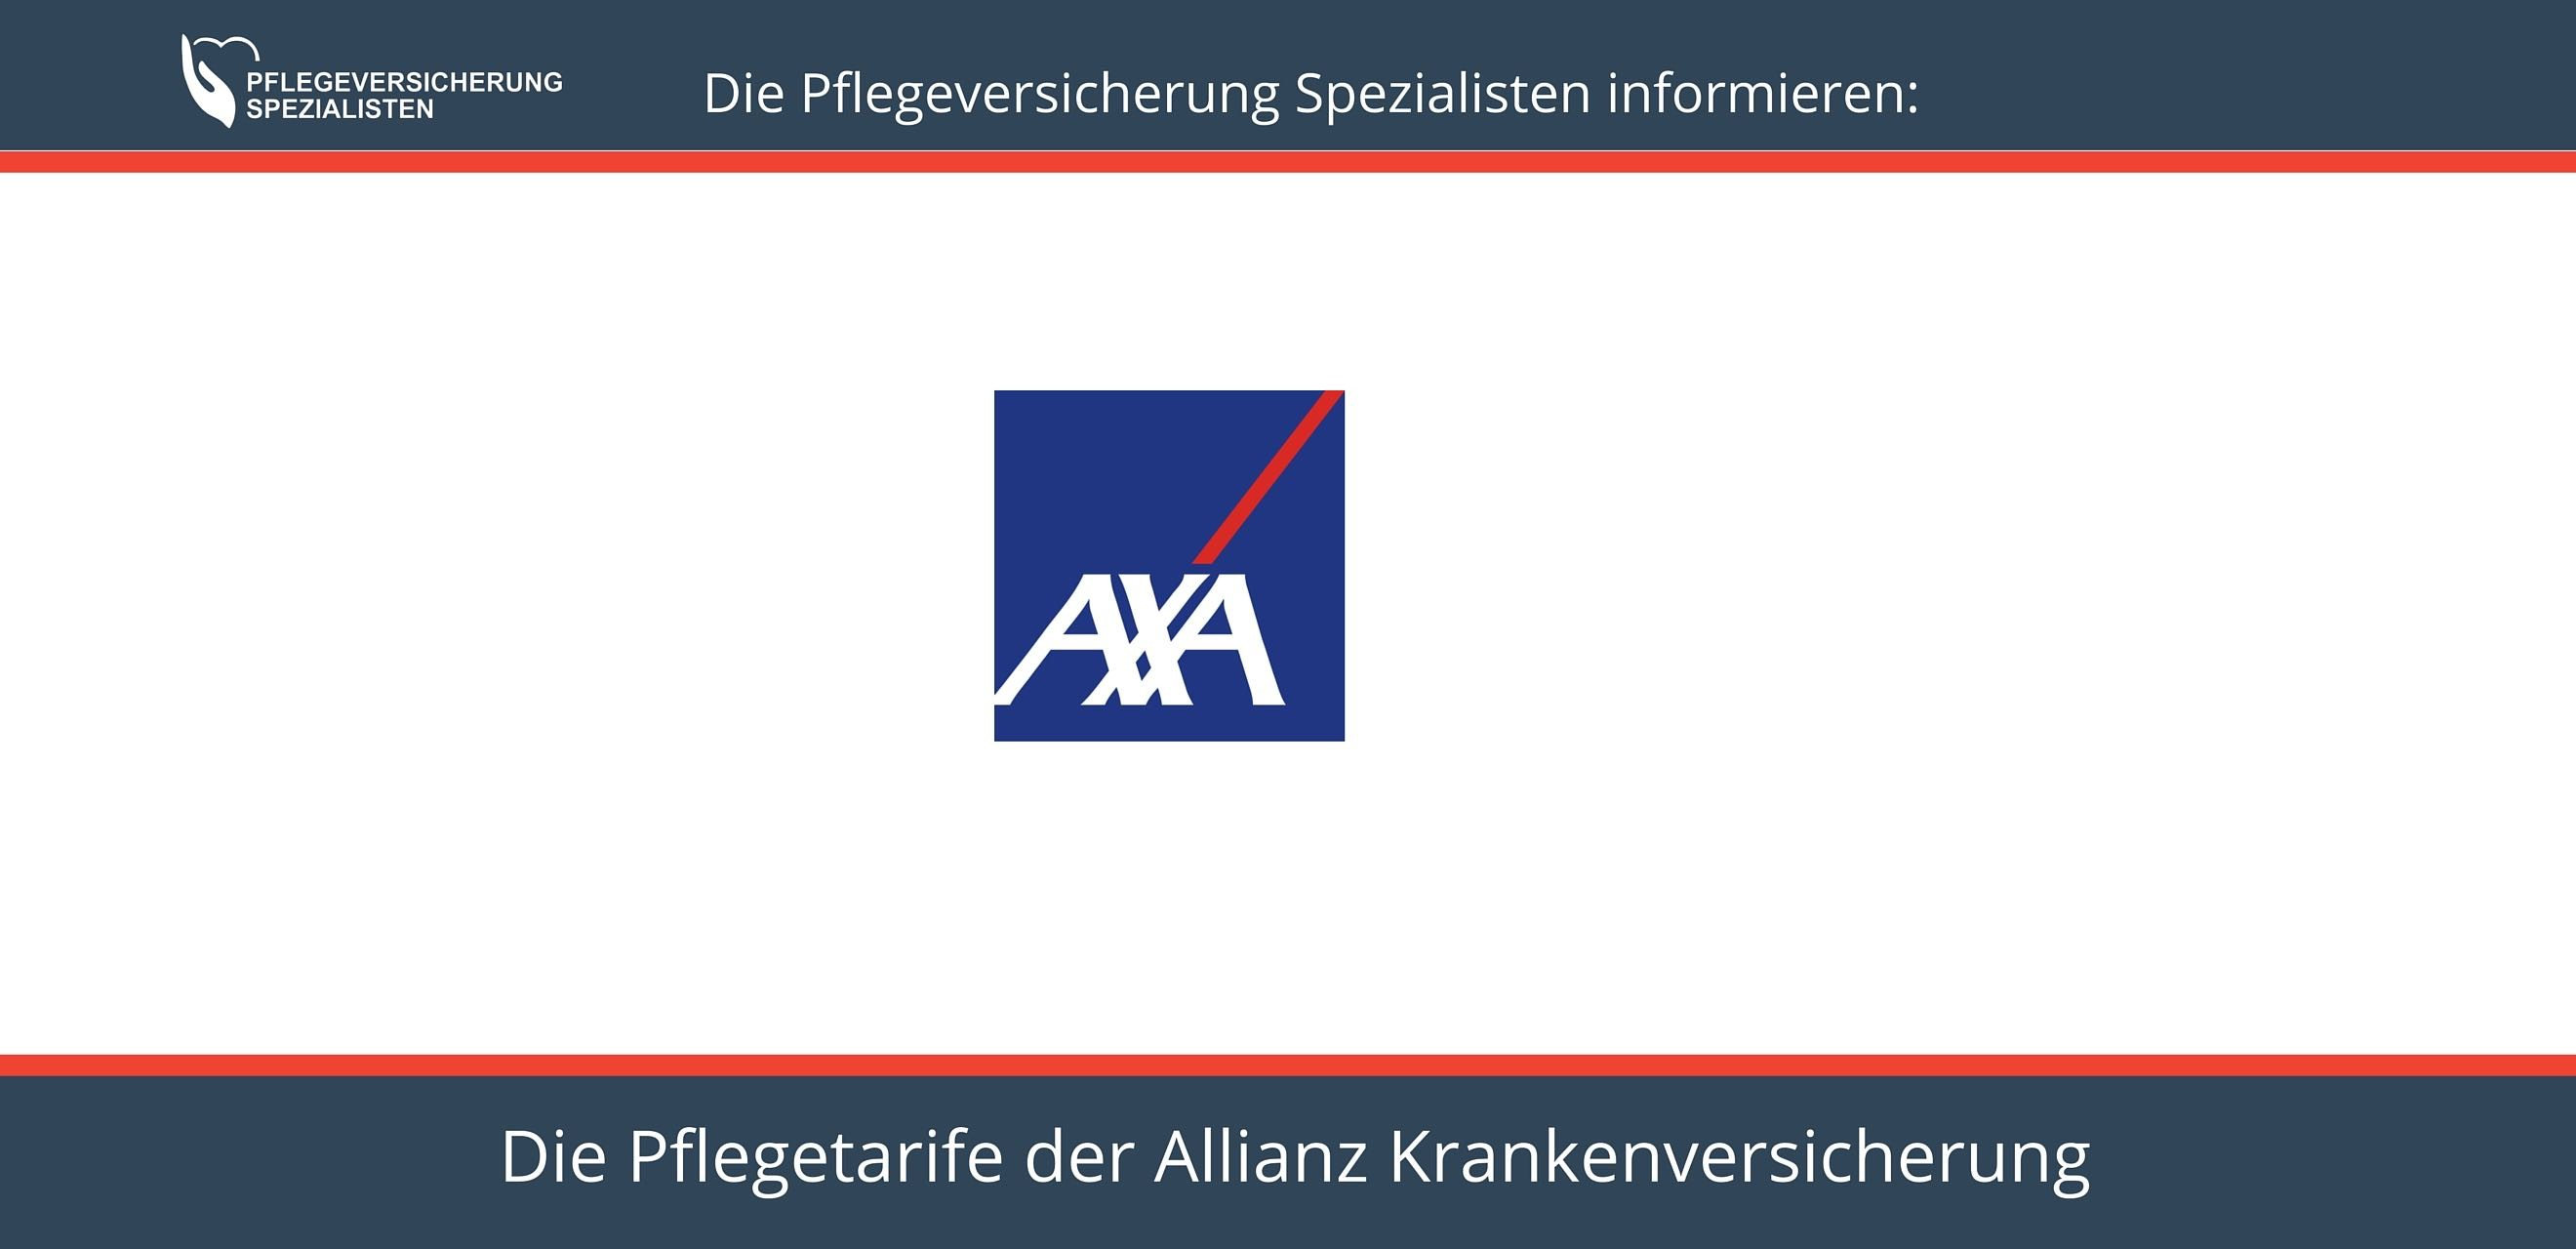 Die Pflegeversicherung Spezialisten informieren über die Pflegetarife der Axa Krankenversicherung